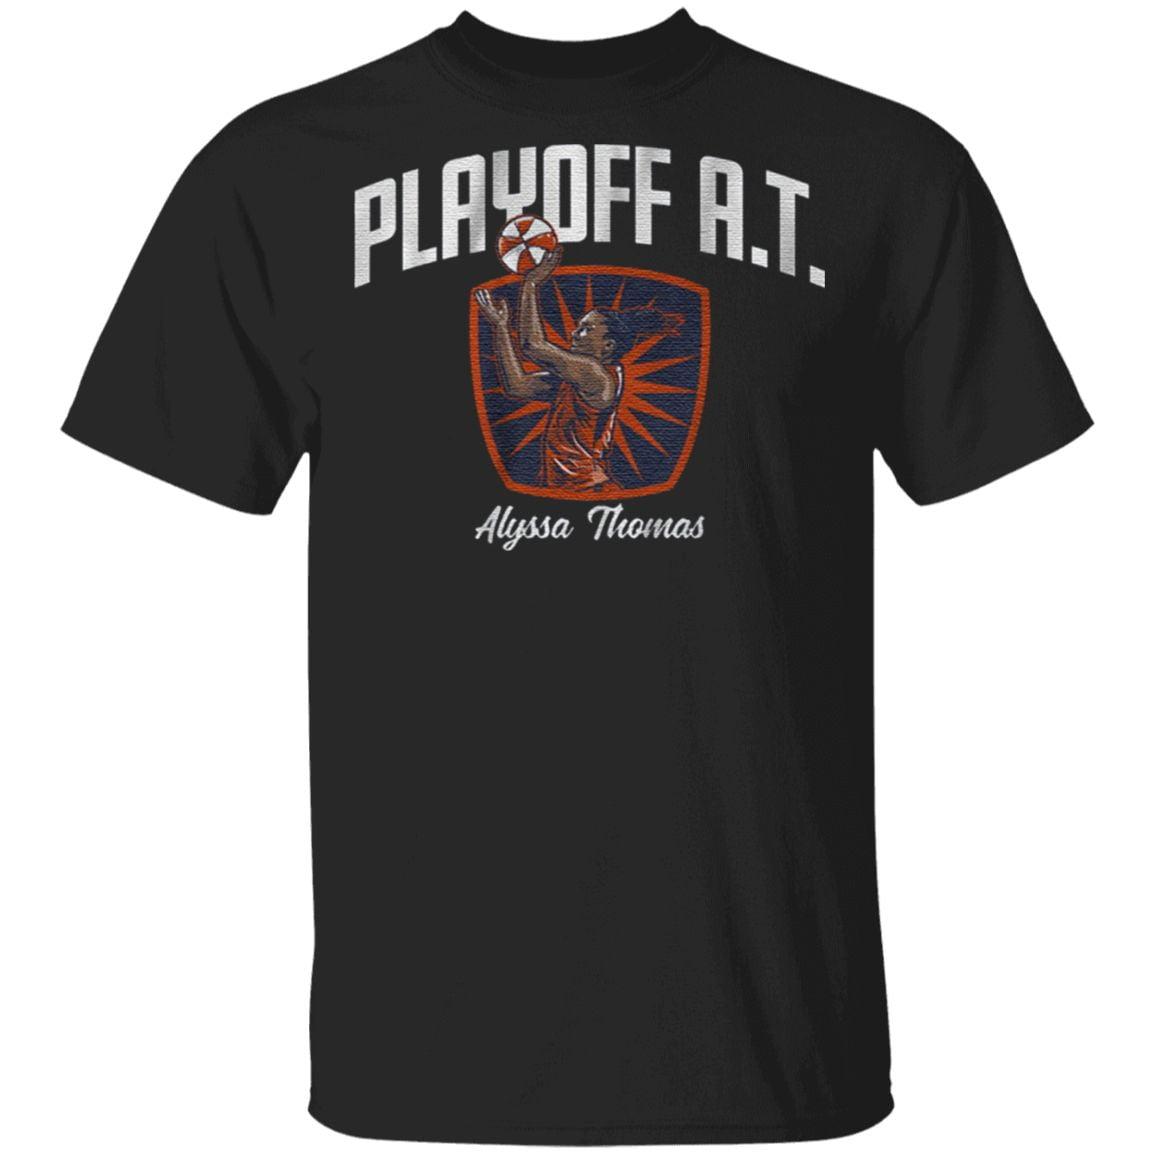 Playoff At Alyssa Thomas T Shirt